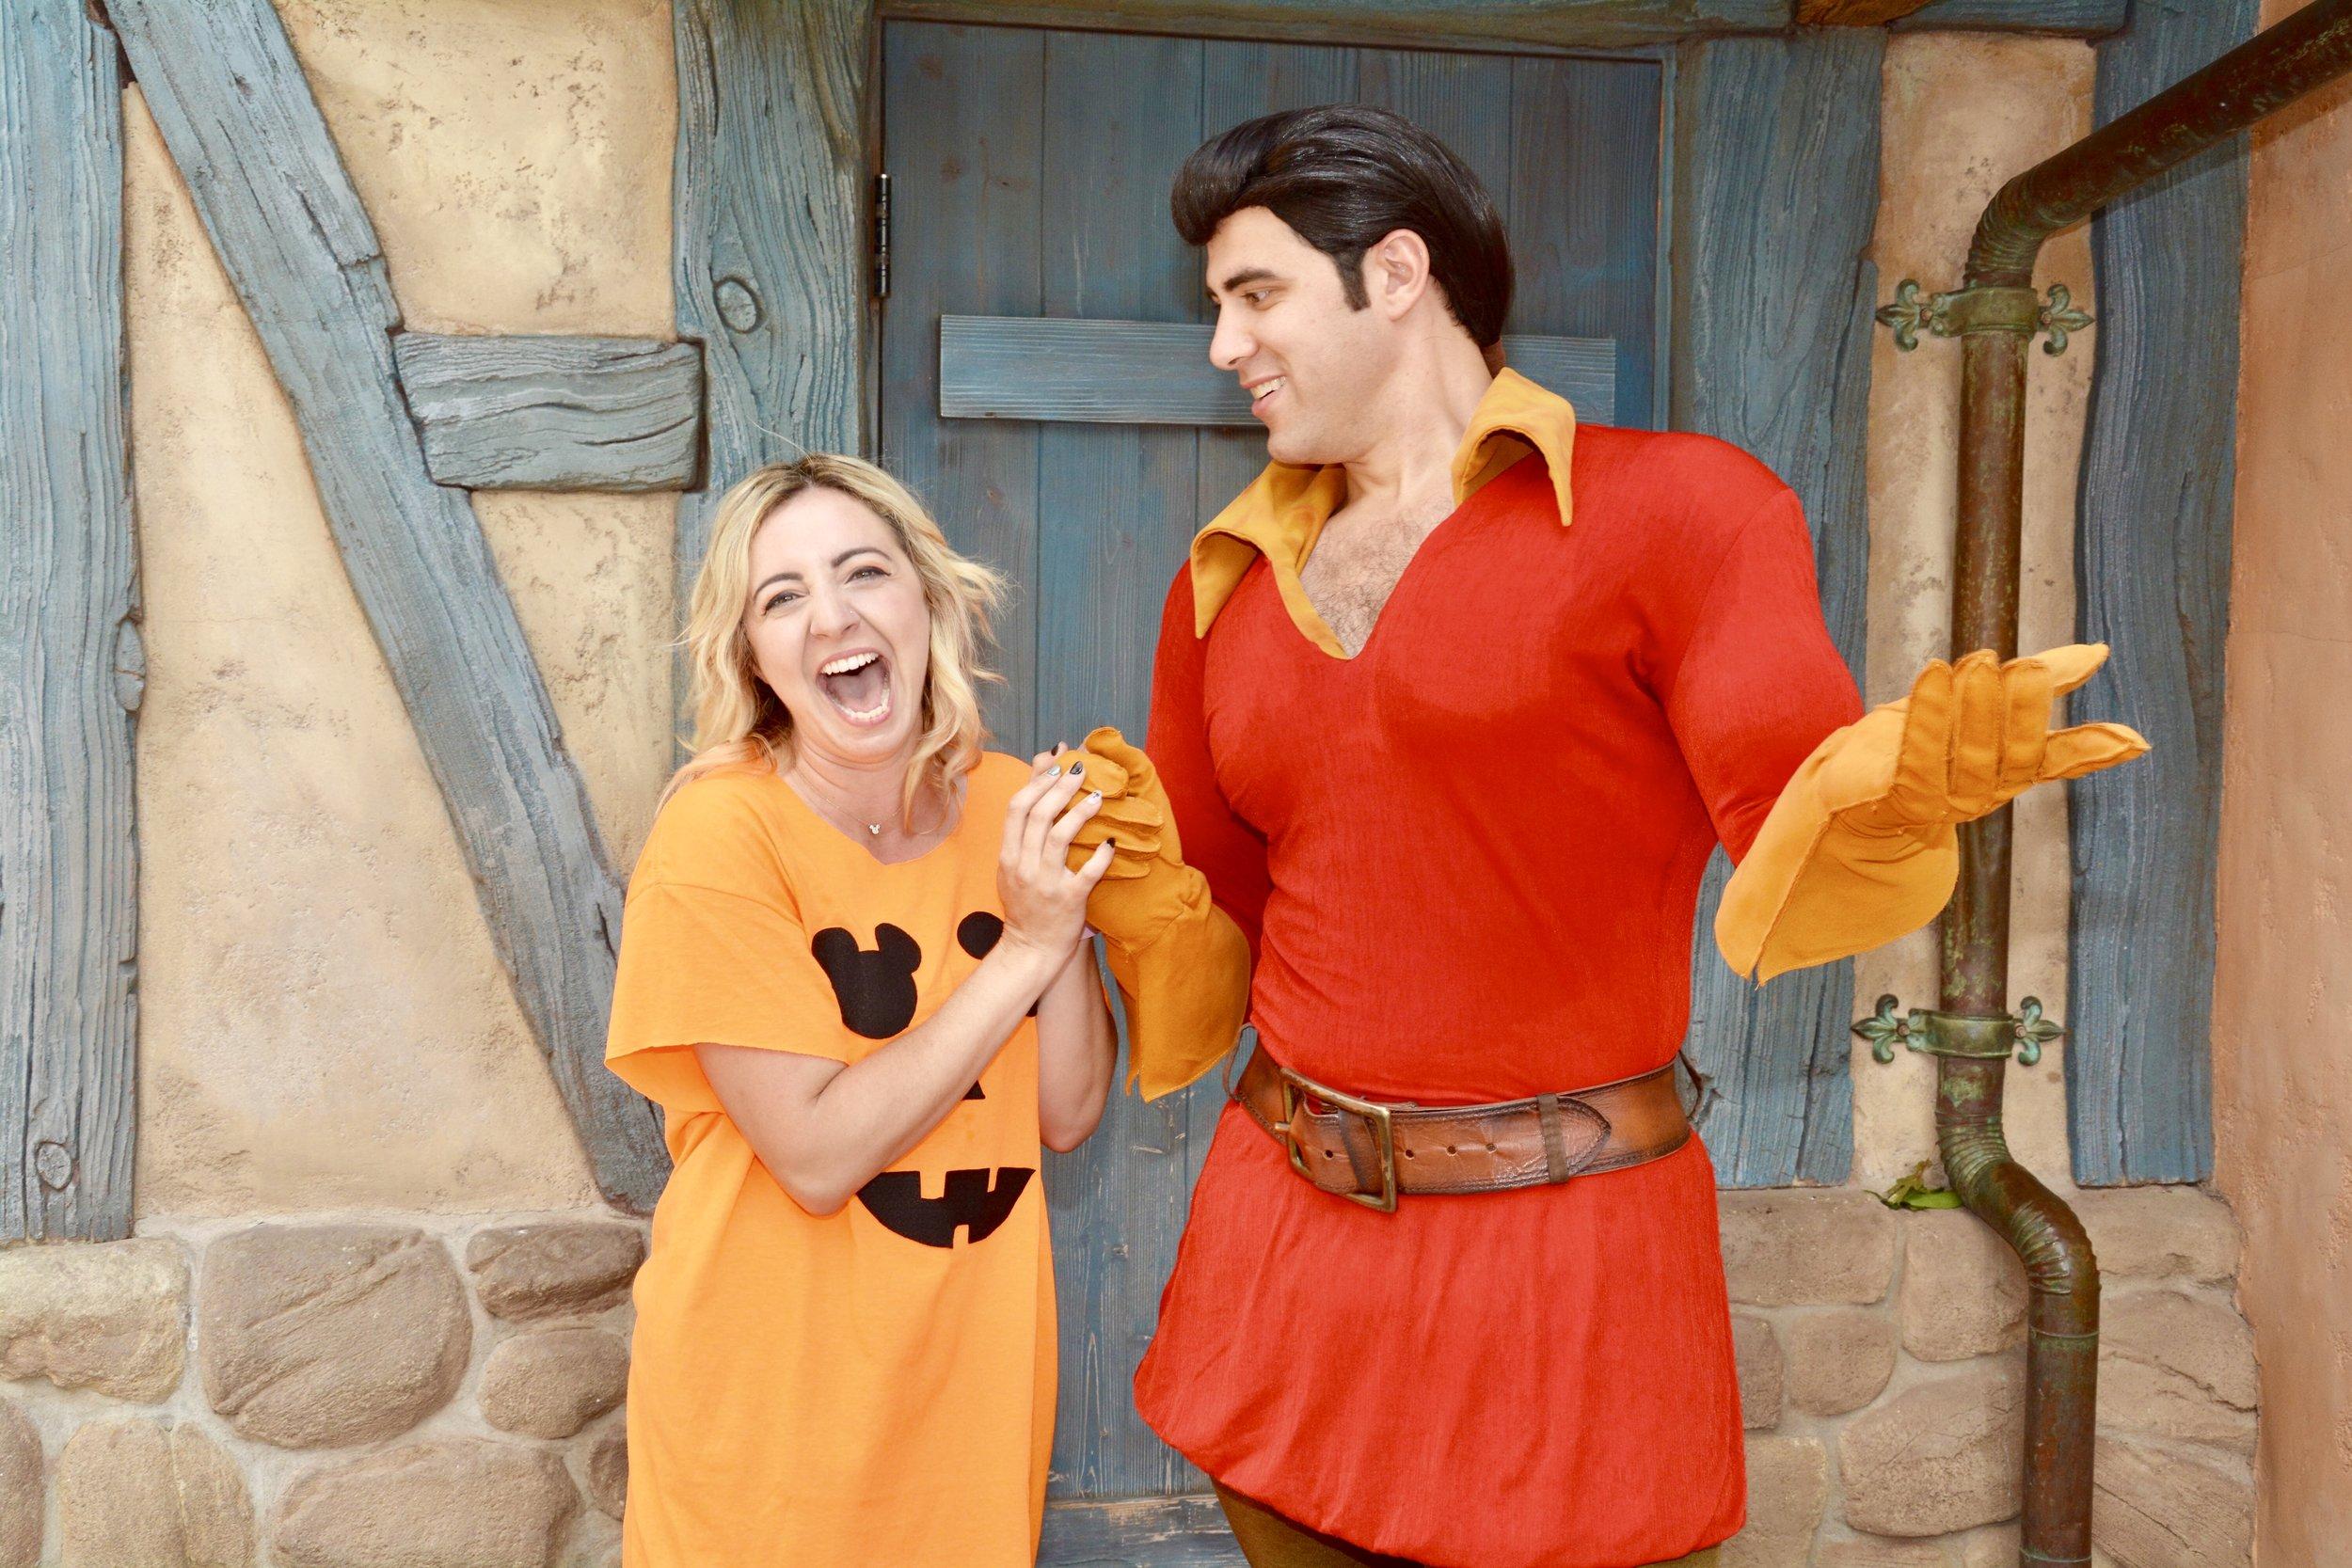 My love Gaston